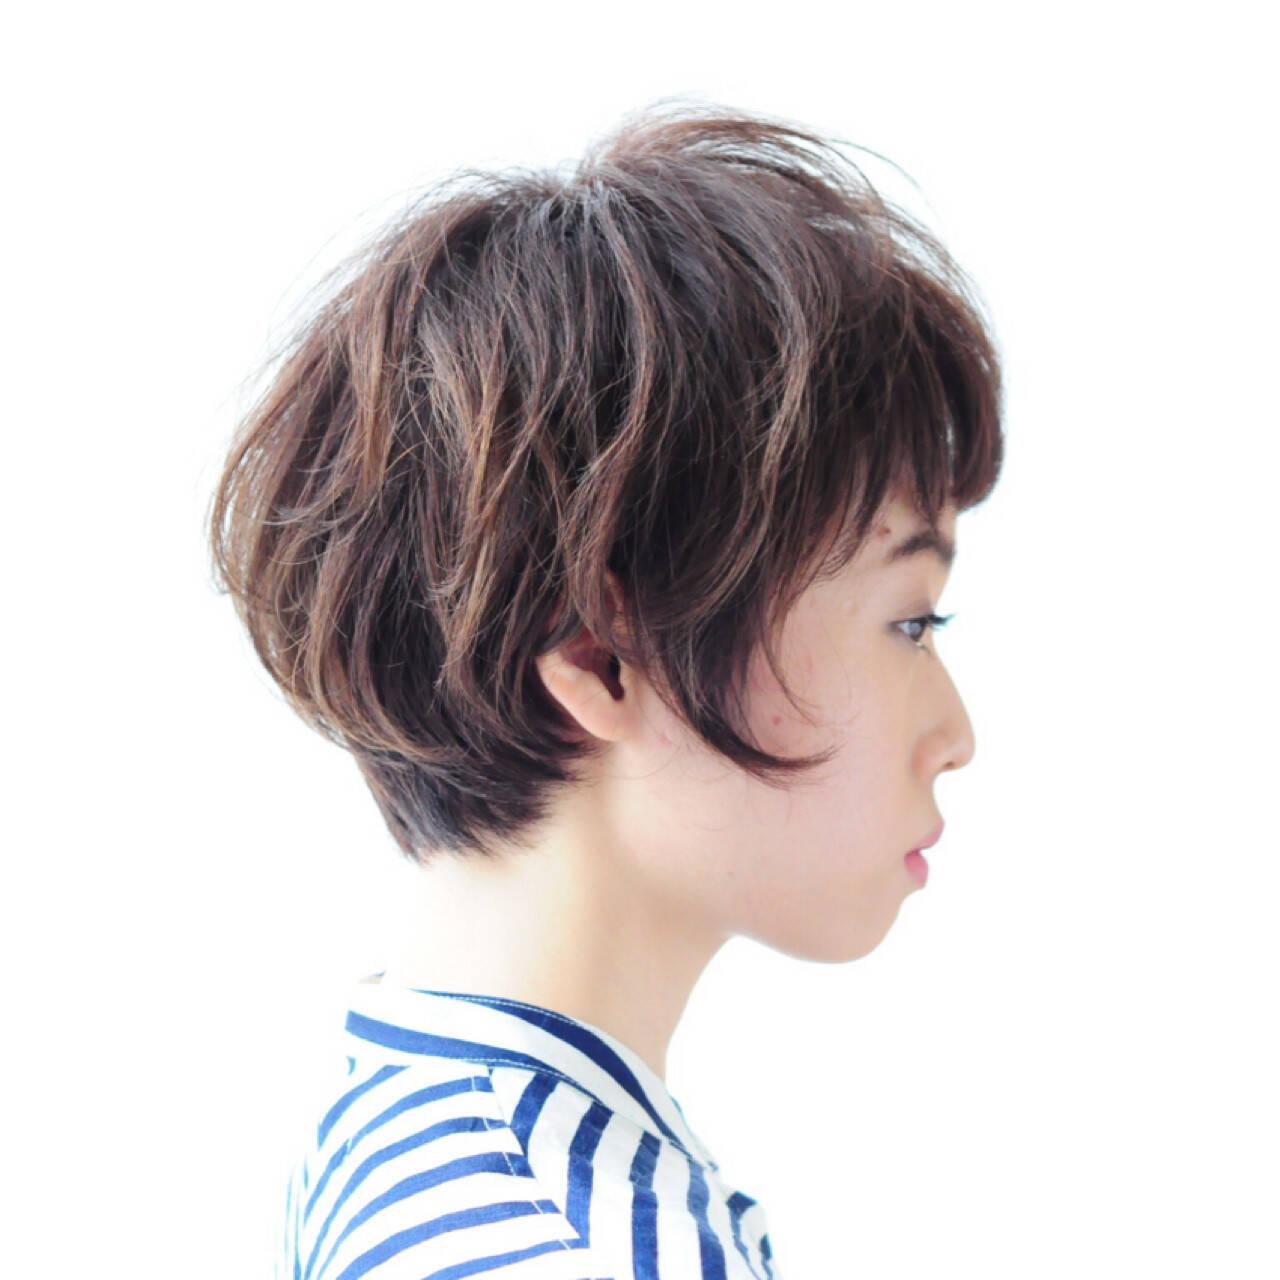 ナチュラル 大人女子 前髪あり 小顔ヘアスタイルや髪型の写真・画像